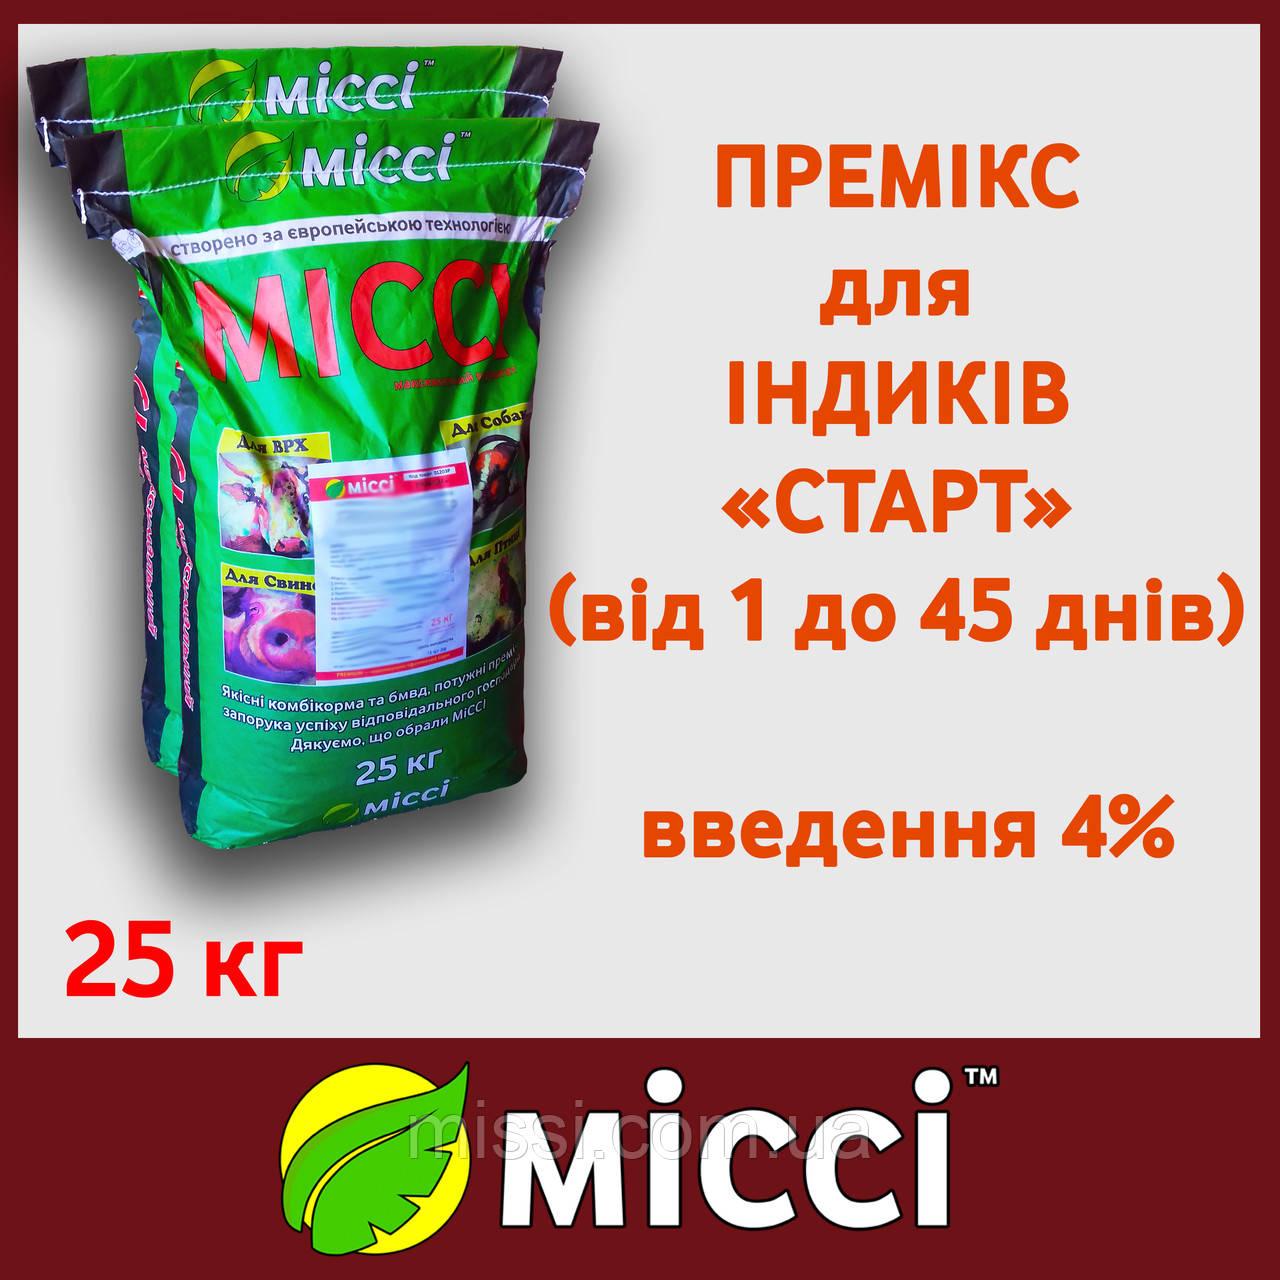 """ПРЕМІКС 4% """"ІНДИК"""" Старт Міссі"""